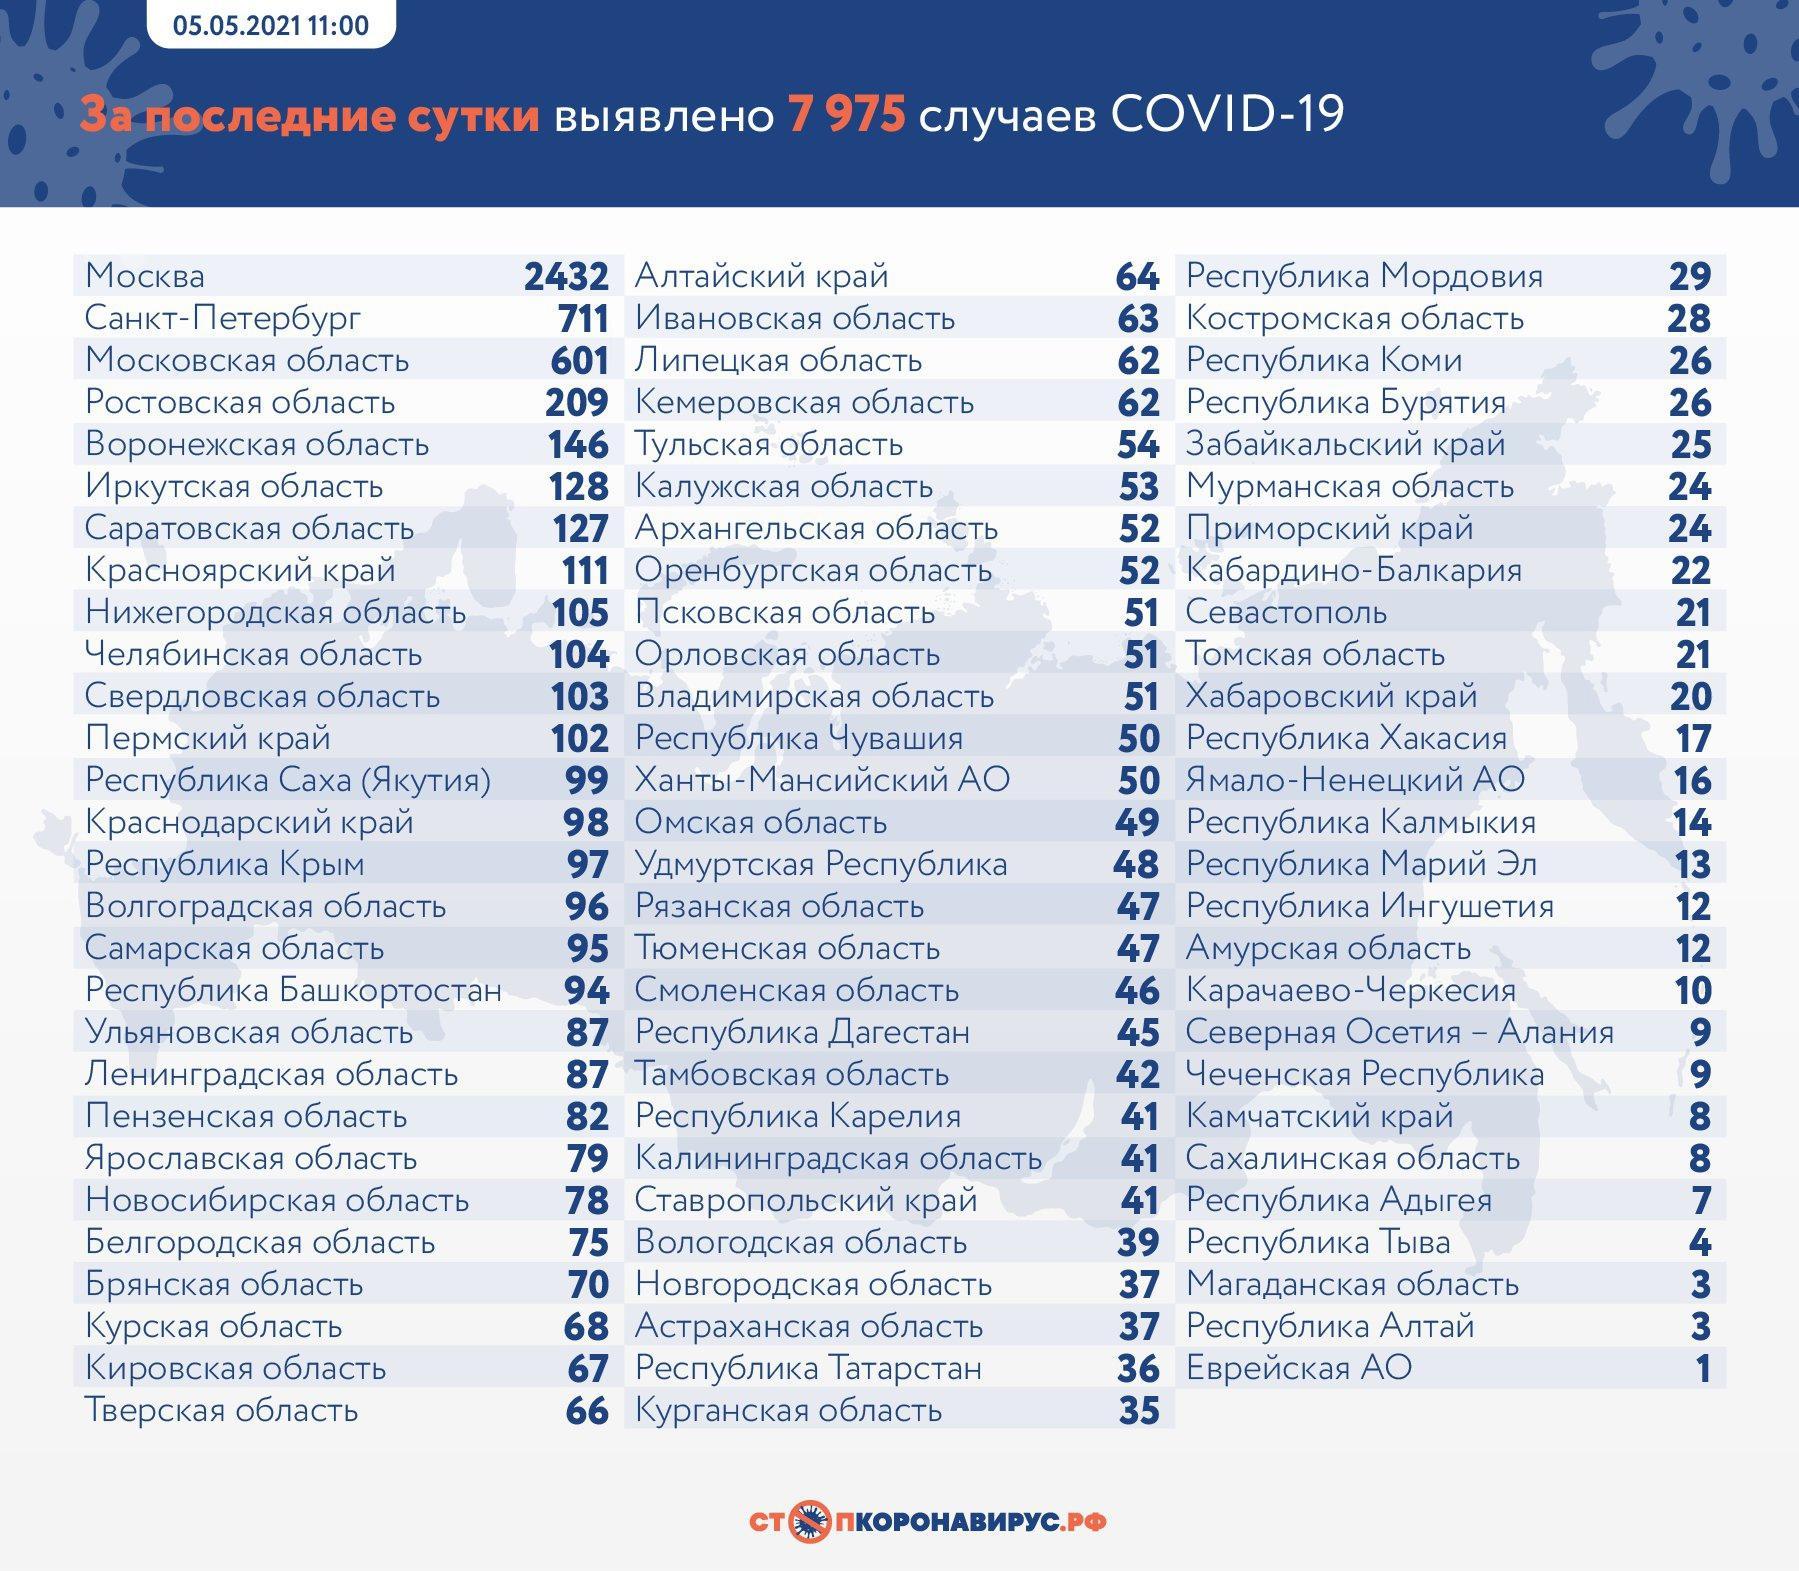 фото В России за сутки скончались 360 больных коронавирусом 2